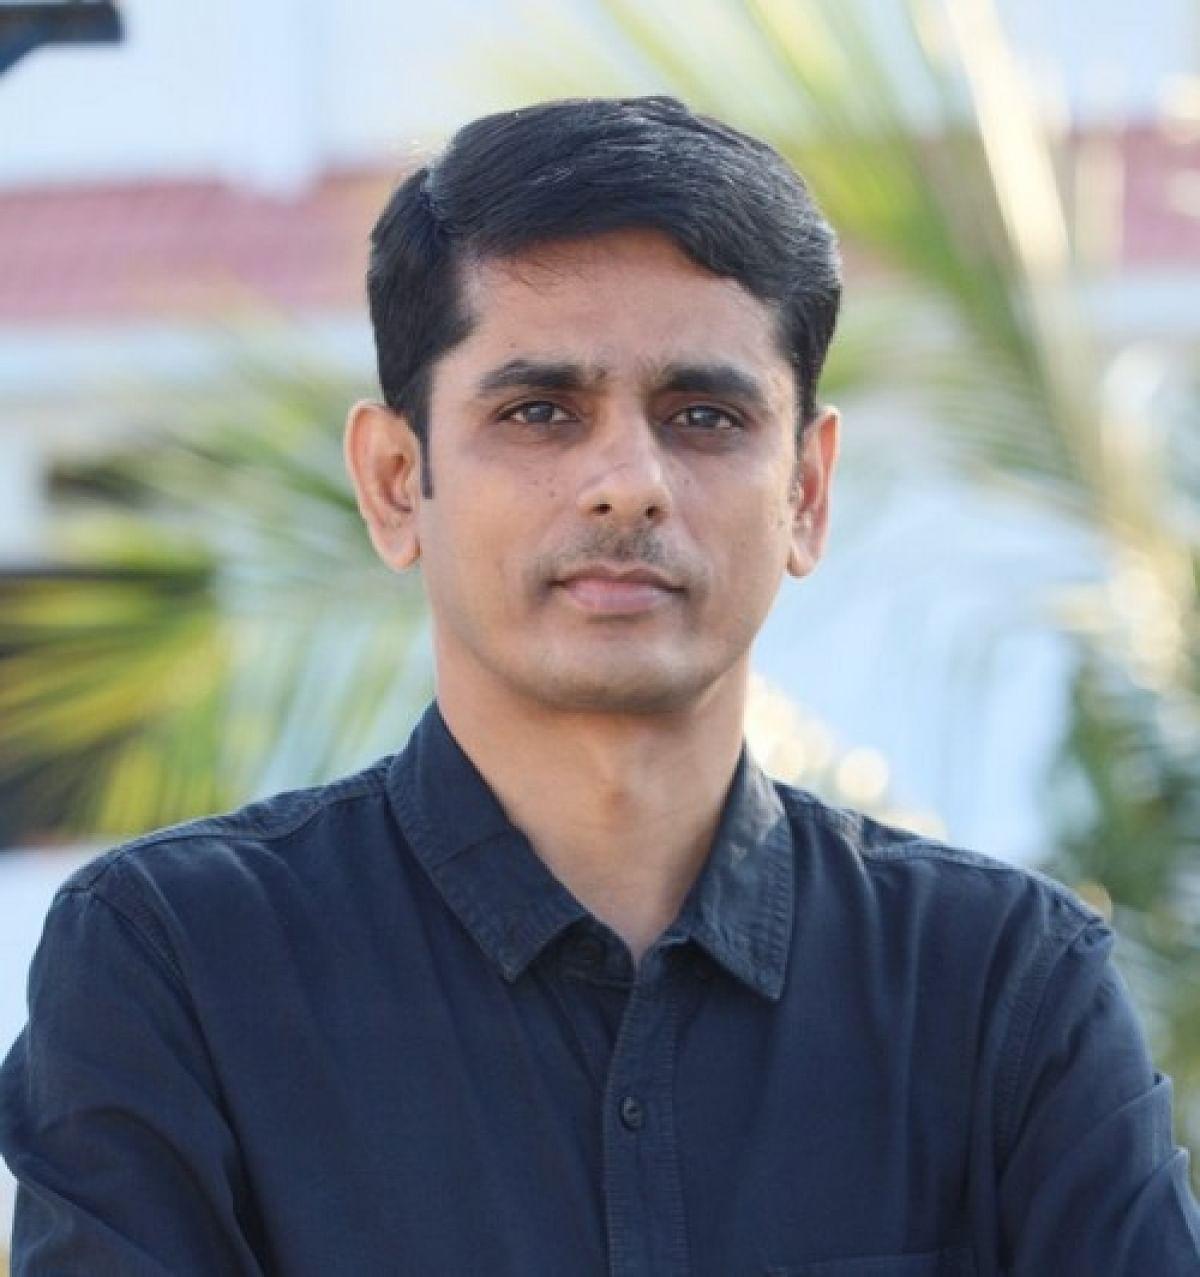 ஜான் ஆரோக்கியசாமி